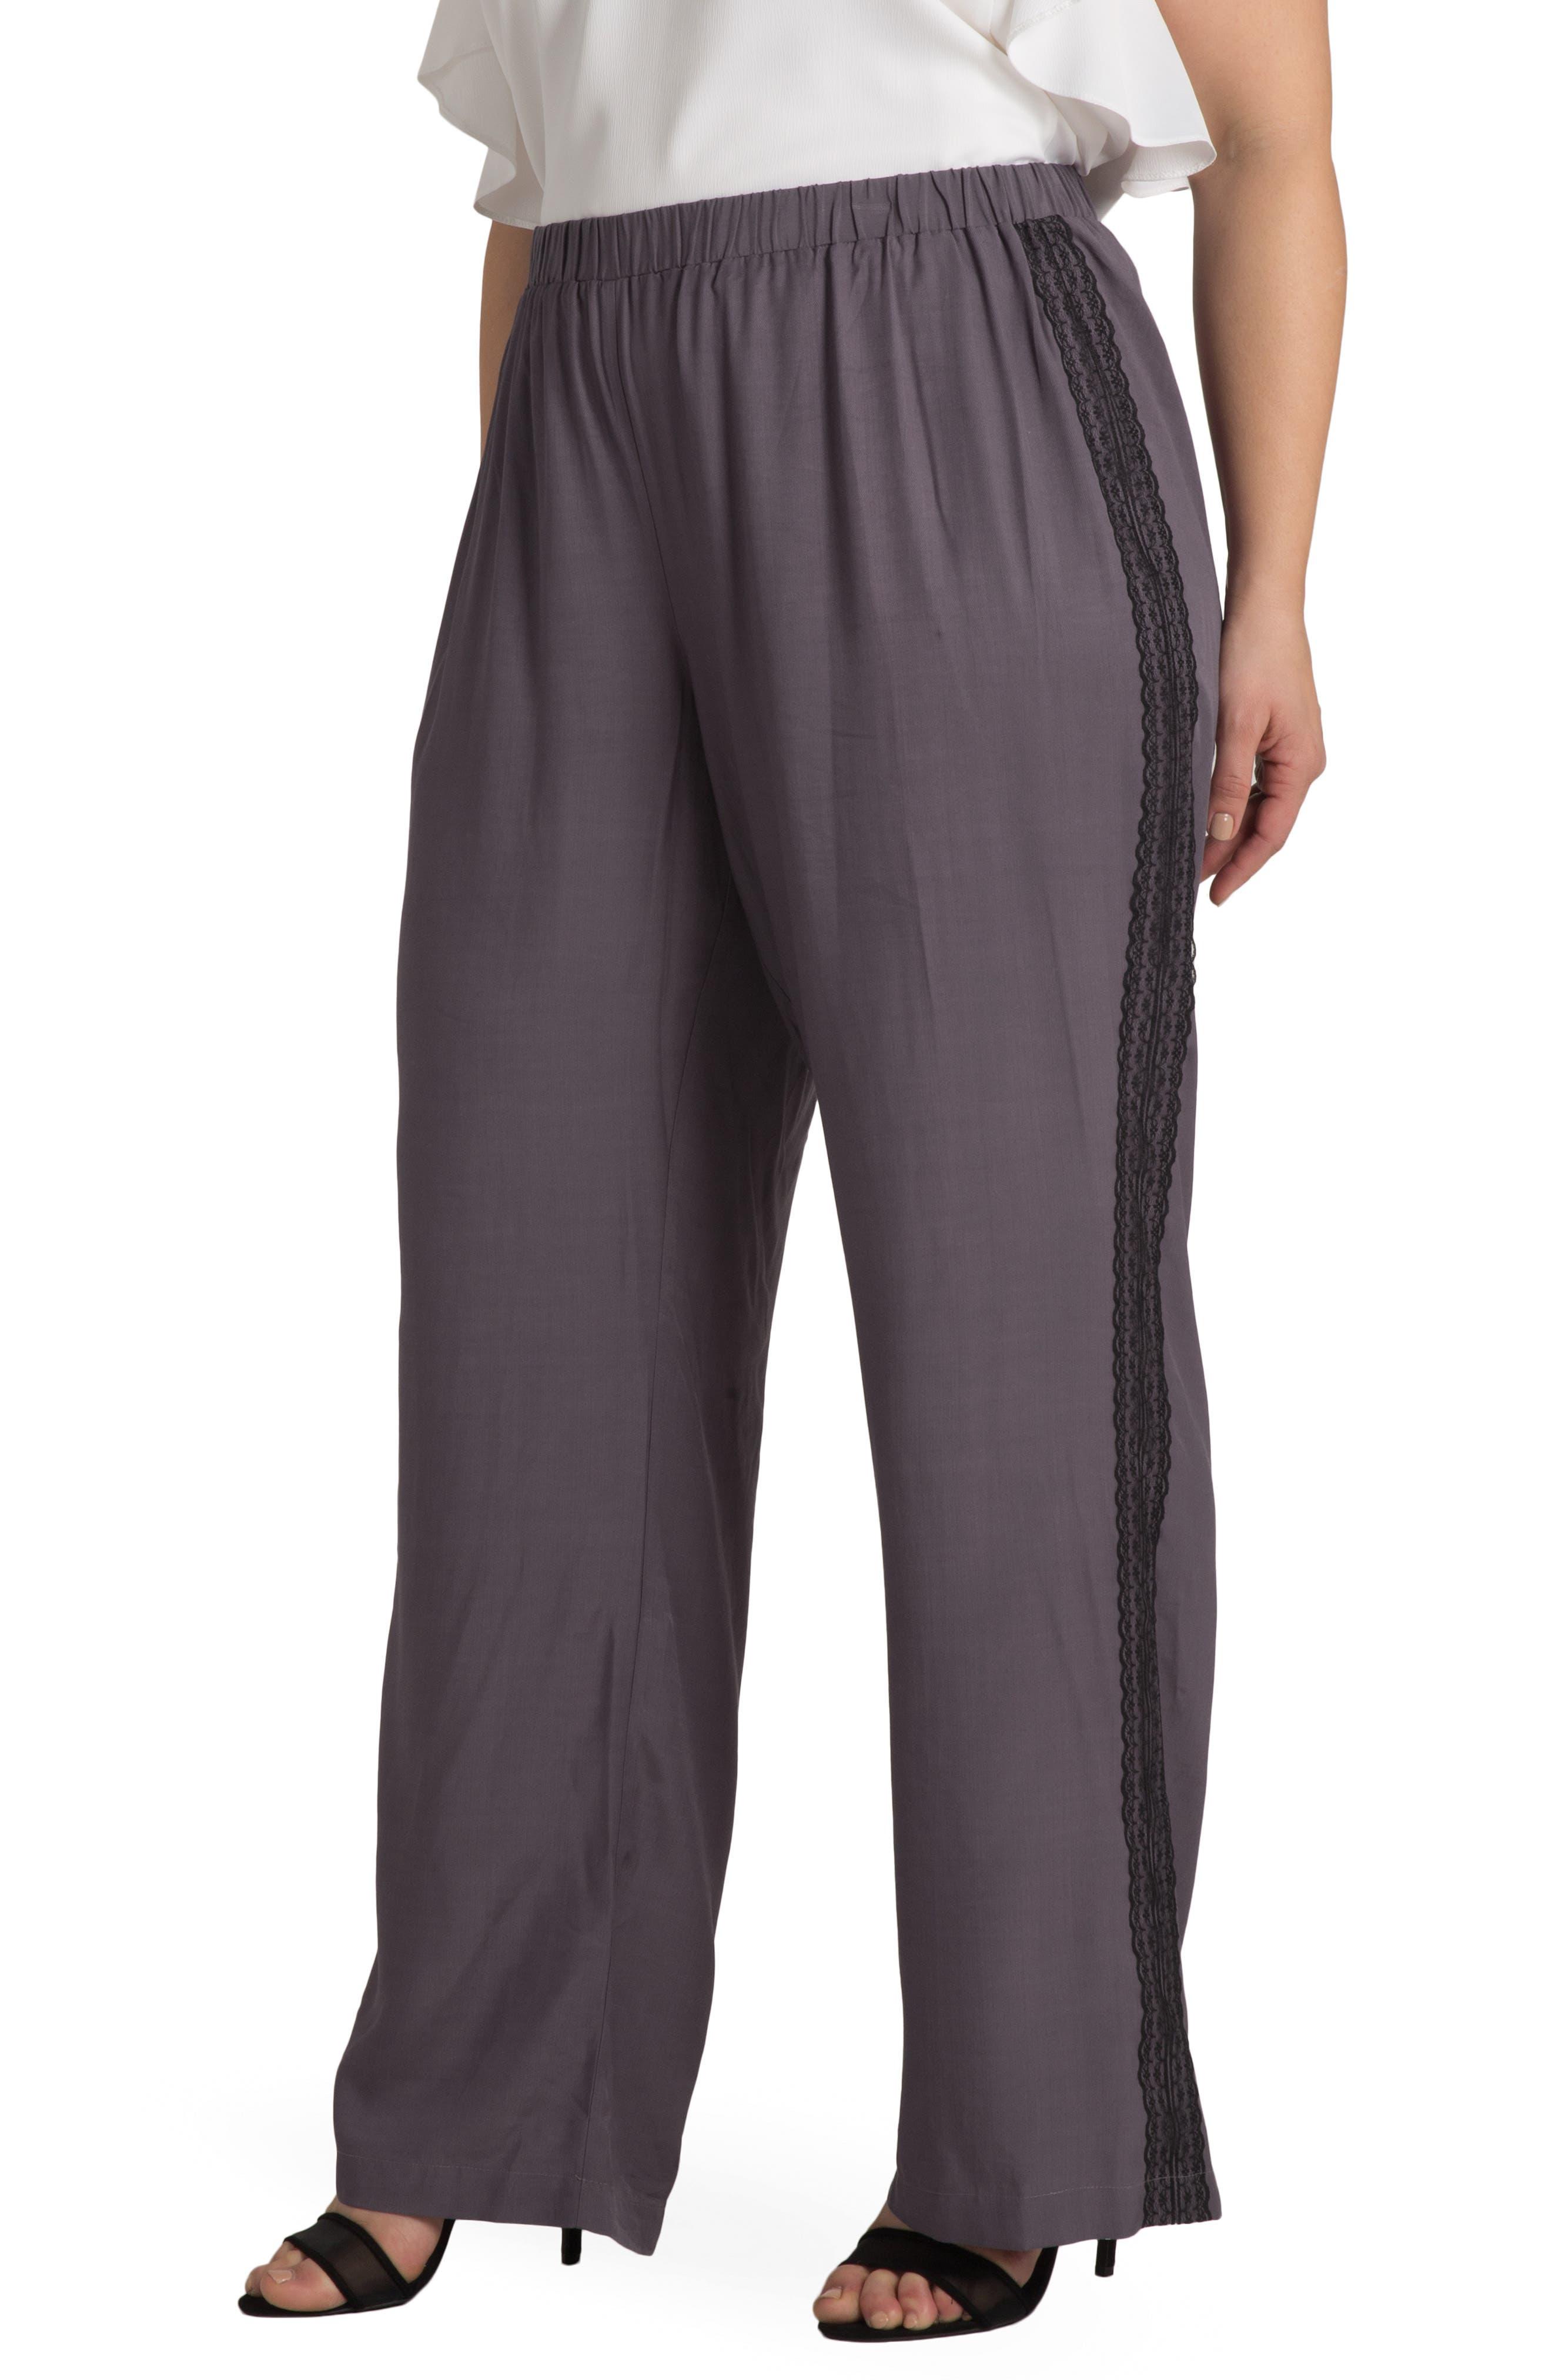 Plus Women's Standards & Practices Clare Lace Stripe Pants